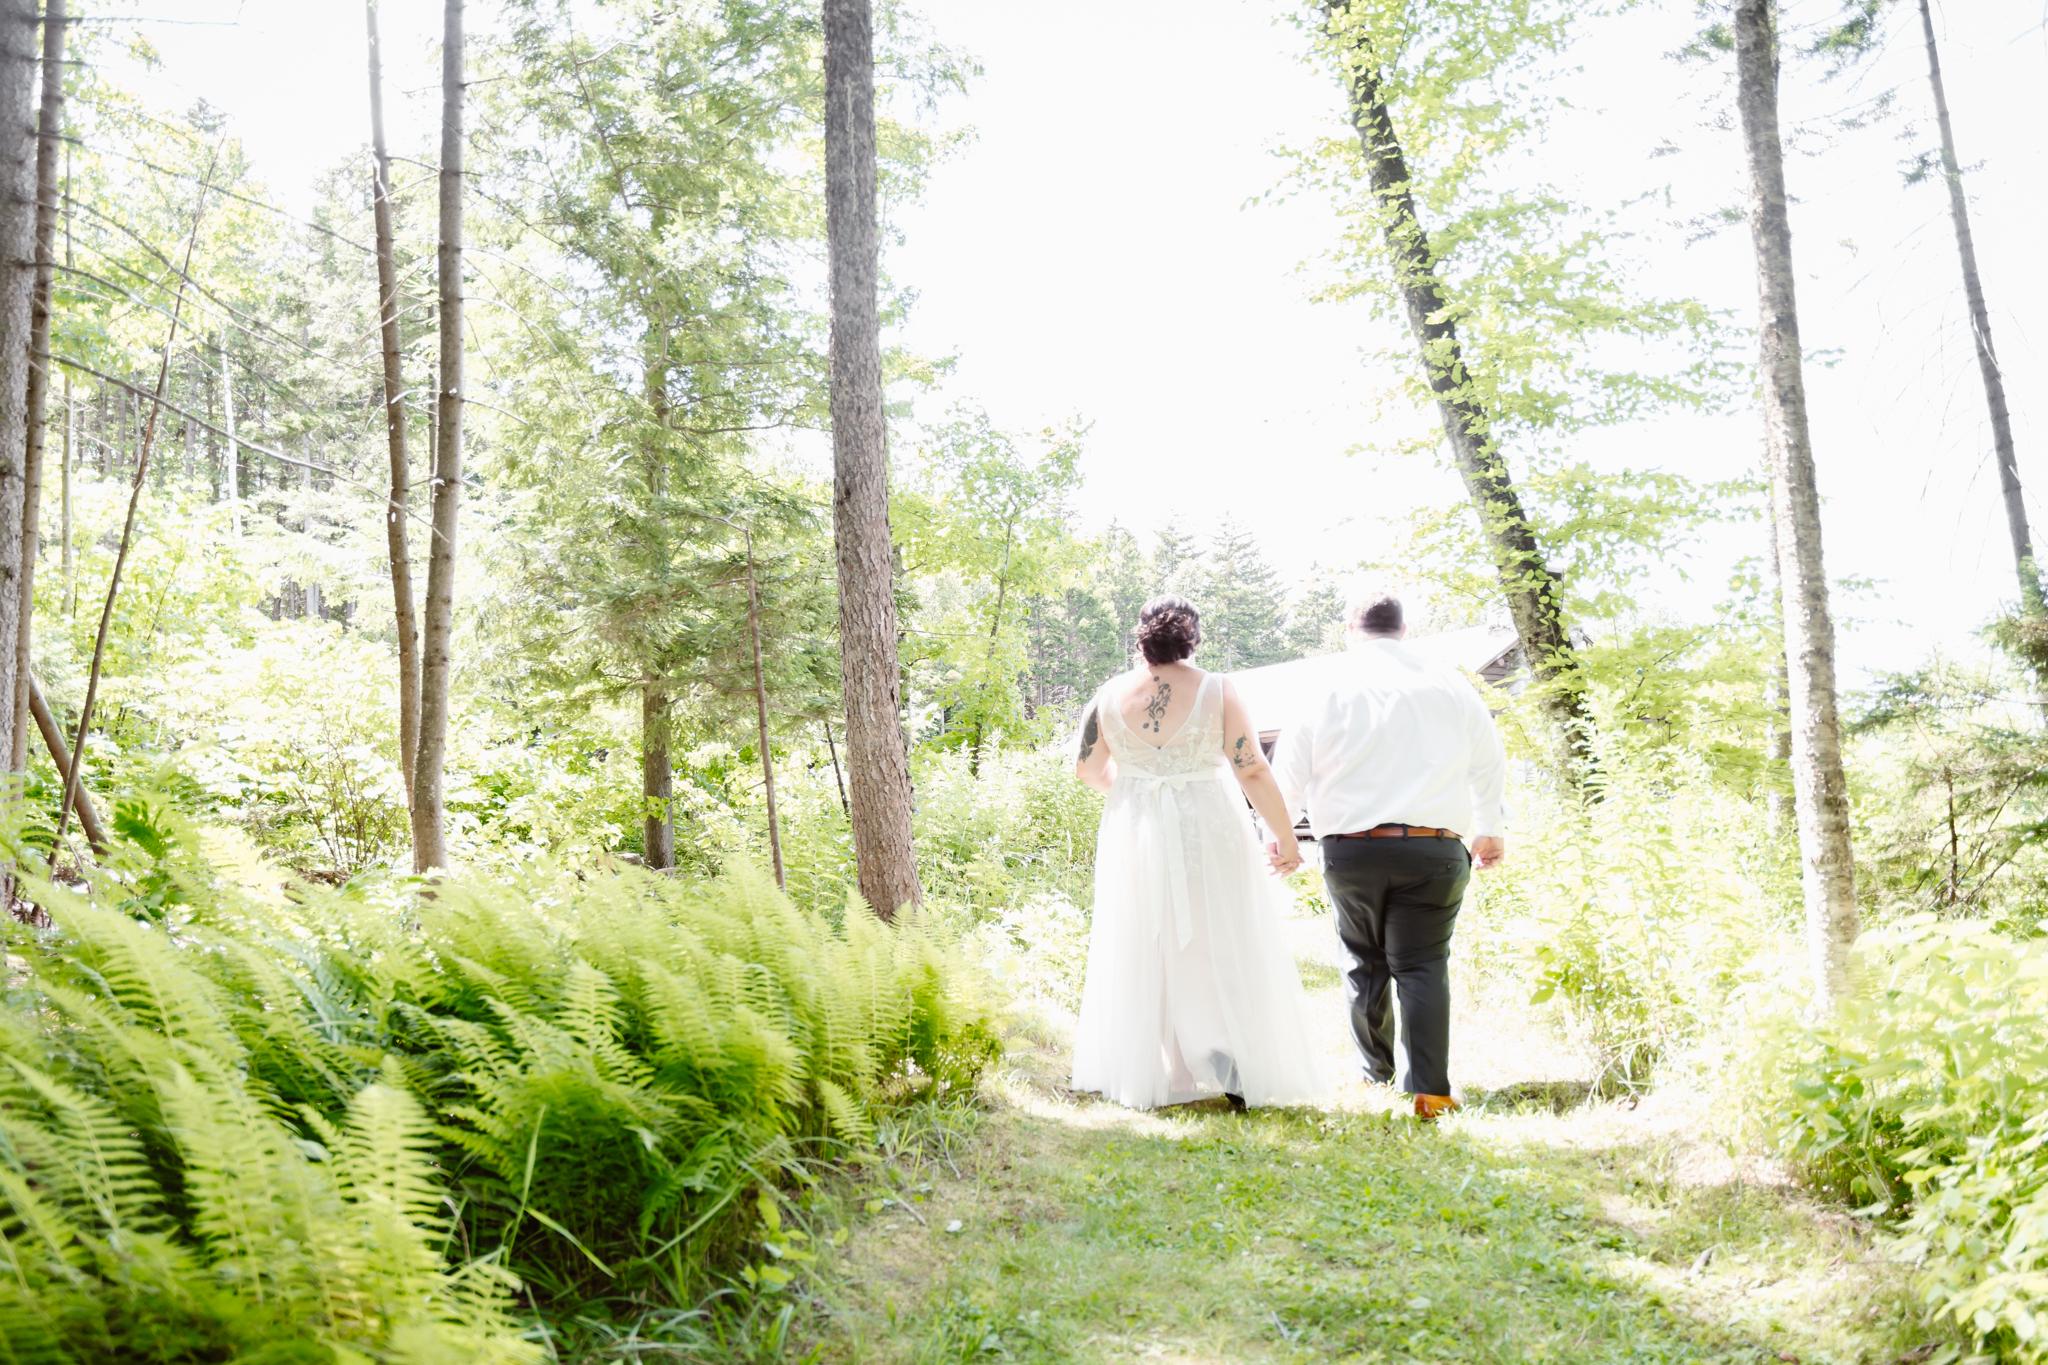 Vermont-Wedding-080119-1.jpg